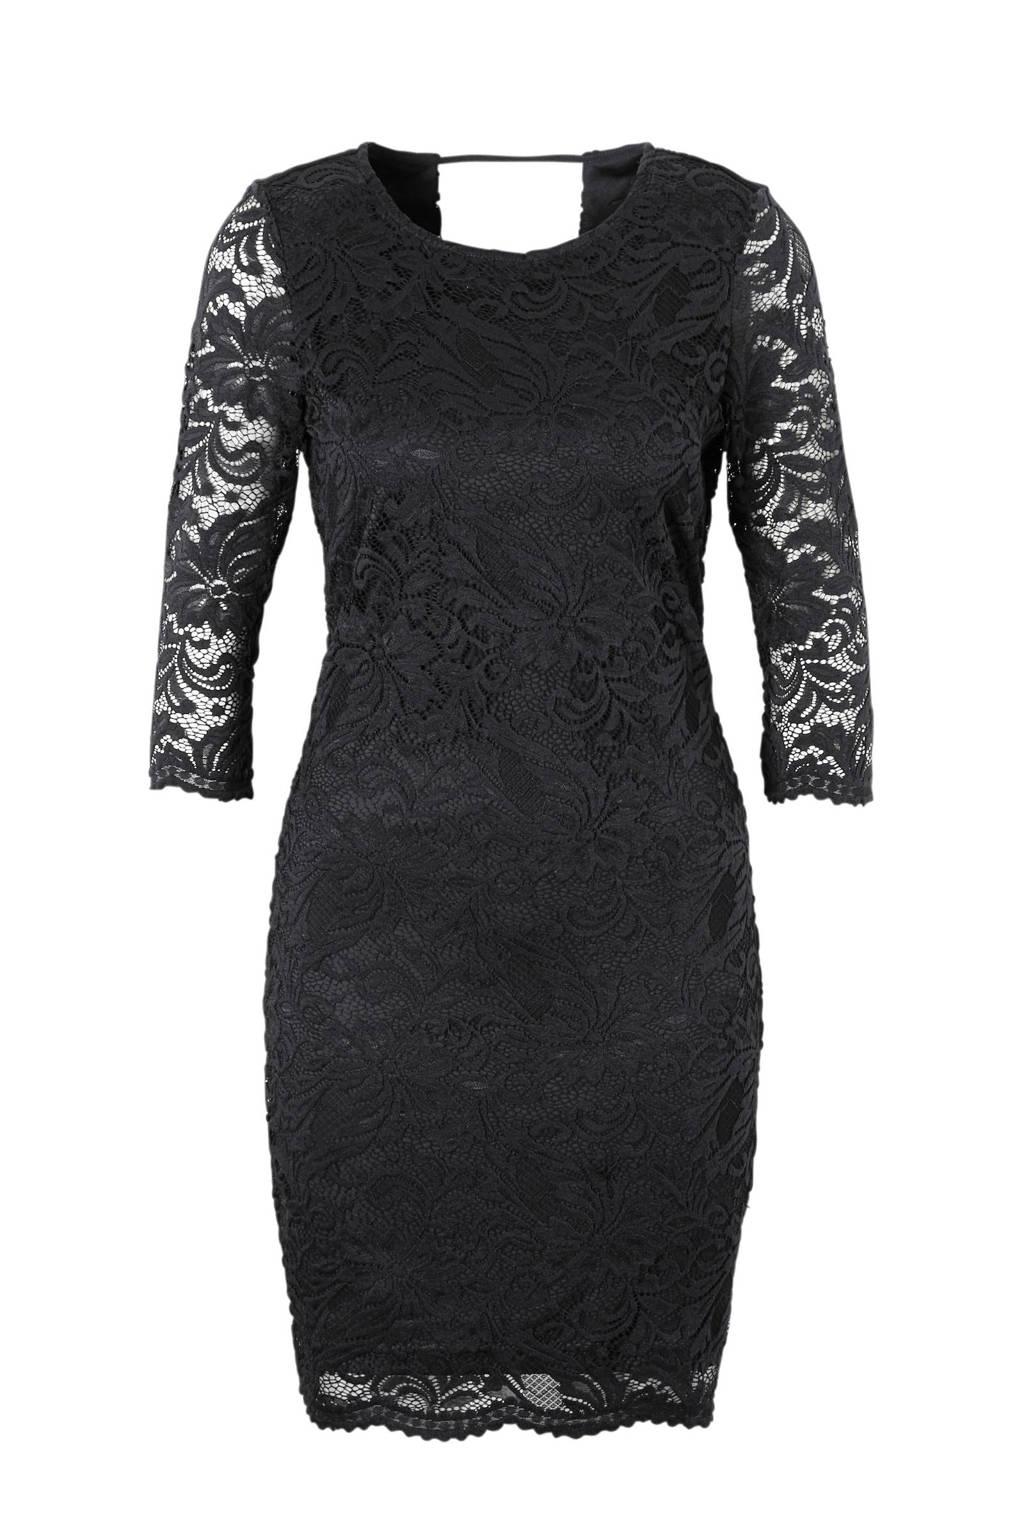 VERO MODA kanten jurk, Zwart